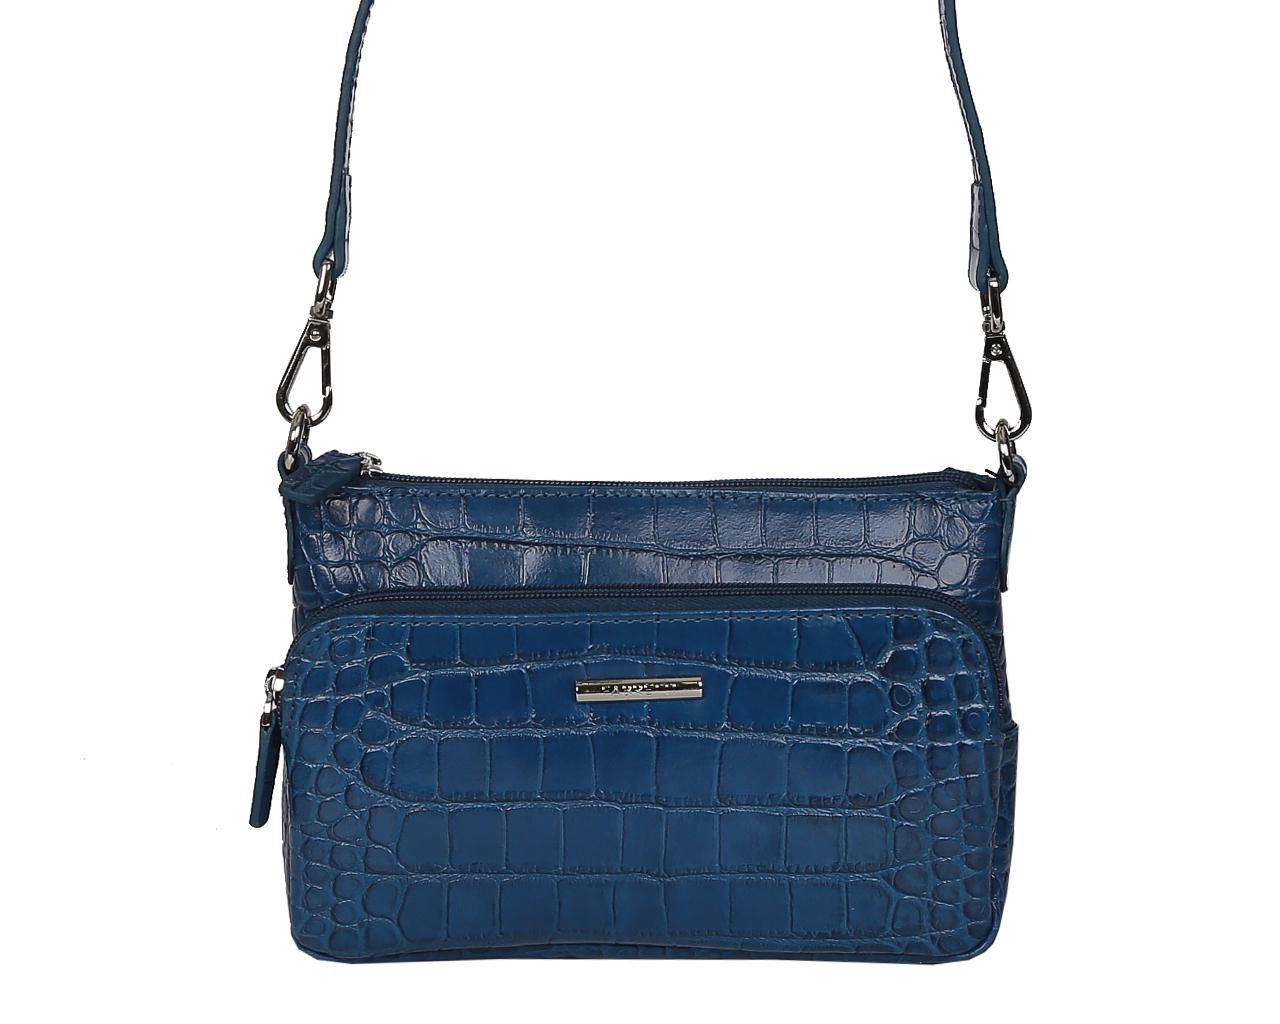 Сумка женская Fabretti, цвет: синий. F5723F5723-d.blueЭлегантная сумка Fabretti выполнена из натуральной кожи с тиснением под рептилию, оформлена металлической фурнитурой с символикой бренда. Изделие содержит одно основное отделение, которое закрывается на застежку-молнию. Внутри расположен накладной карман для всяких мелочей, а также врезной карман на молнии. Снаружи, на лицевой стороне размещен накладной карман на молнии. В тыльной стенке сумки расположен врезной карман на молнии. Сумка оснащена съемным плечевым ремнем, длина которого регулируется при помощи пряжки. Сумка Fabretti прекрасно дополнит образ и подчеркнет ваш неповторимый стиль.